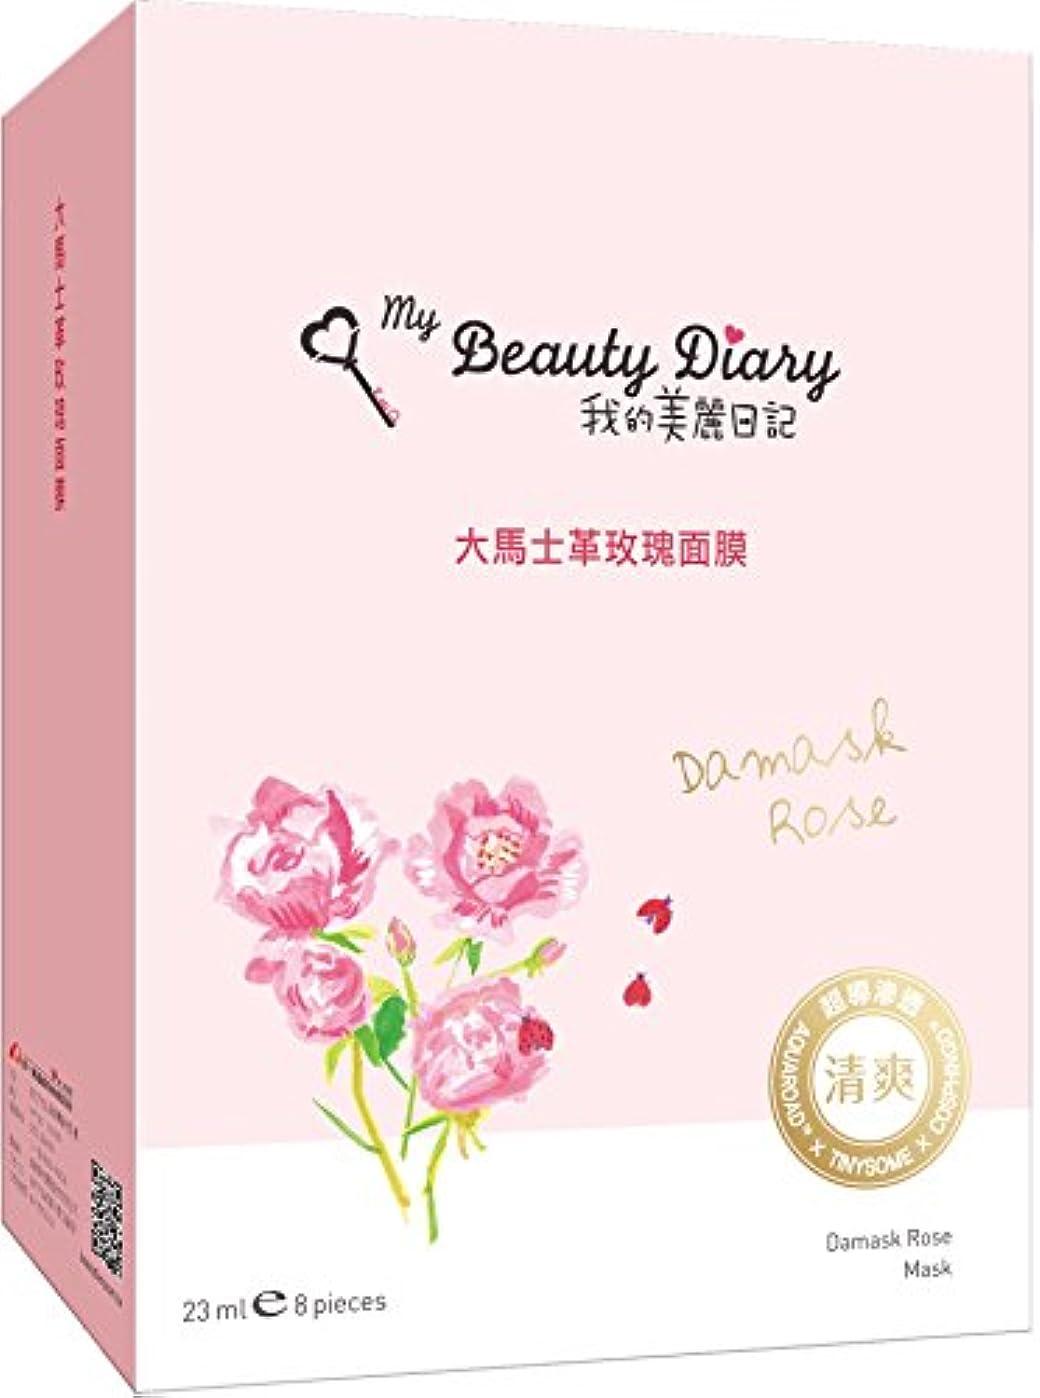 うまれた精通したかわいらしい《我的美麗日記》 私のきれい日記 ダマスカスローズマスク 8枚入り 《台湾 お土産》 [並行輸入品]